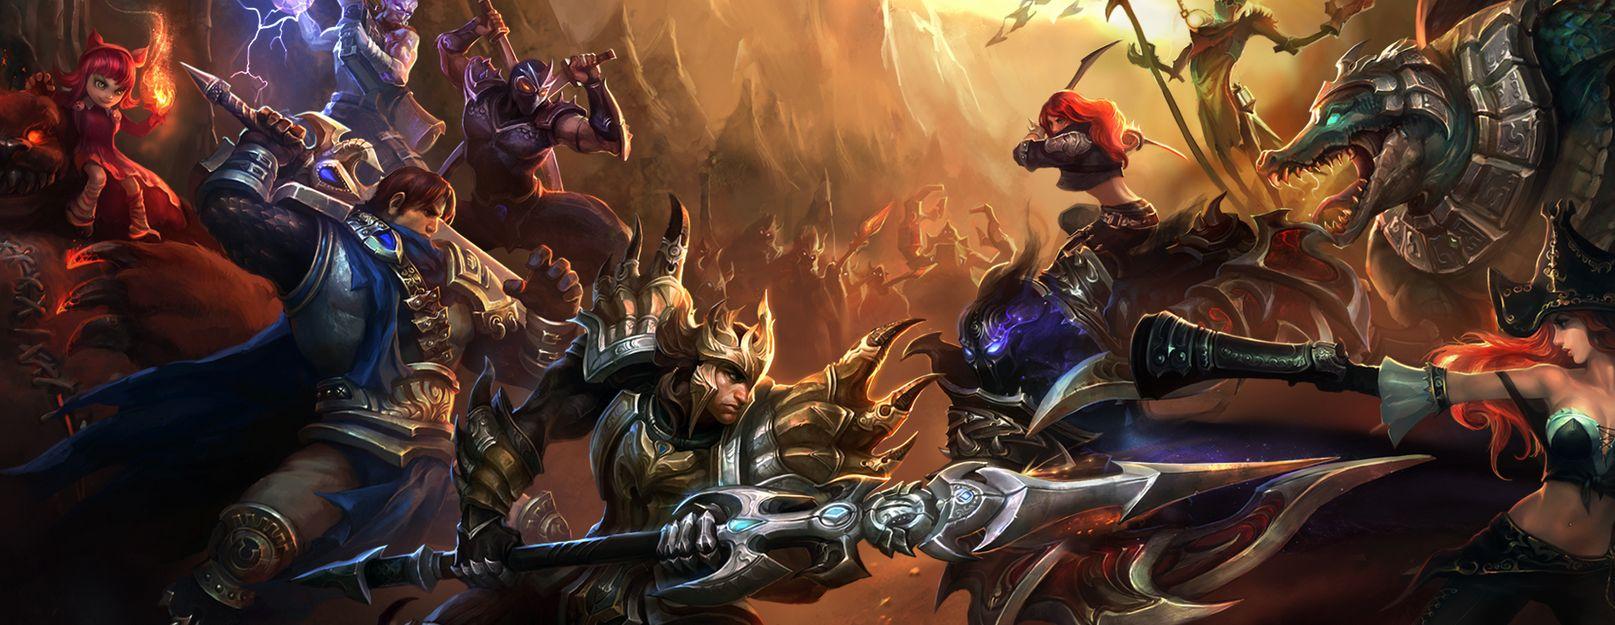 League of Legends será um dos títulos presentes na X5 Mega Arena